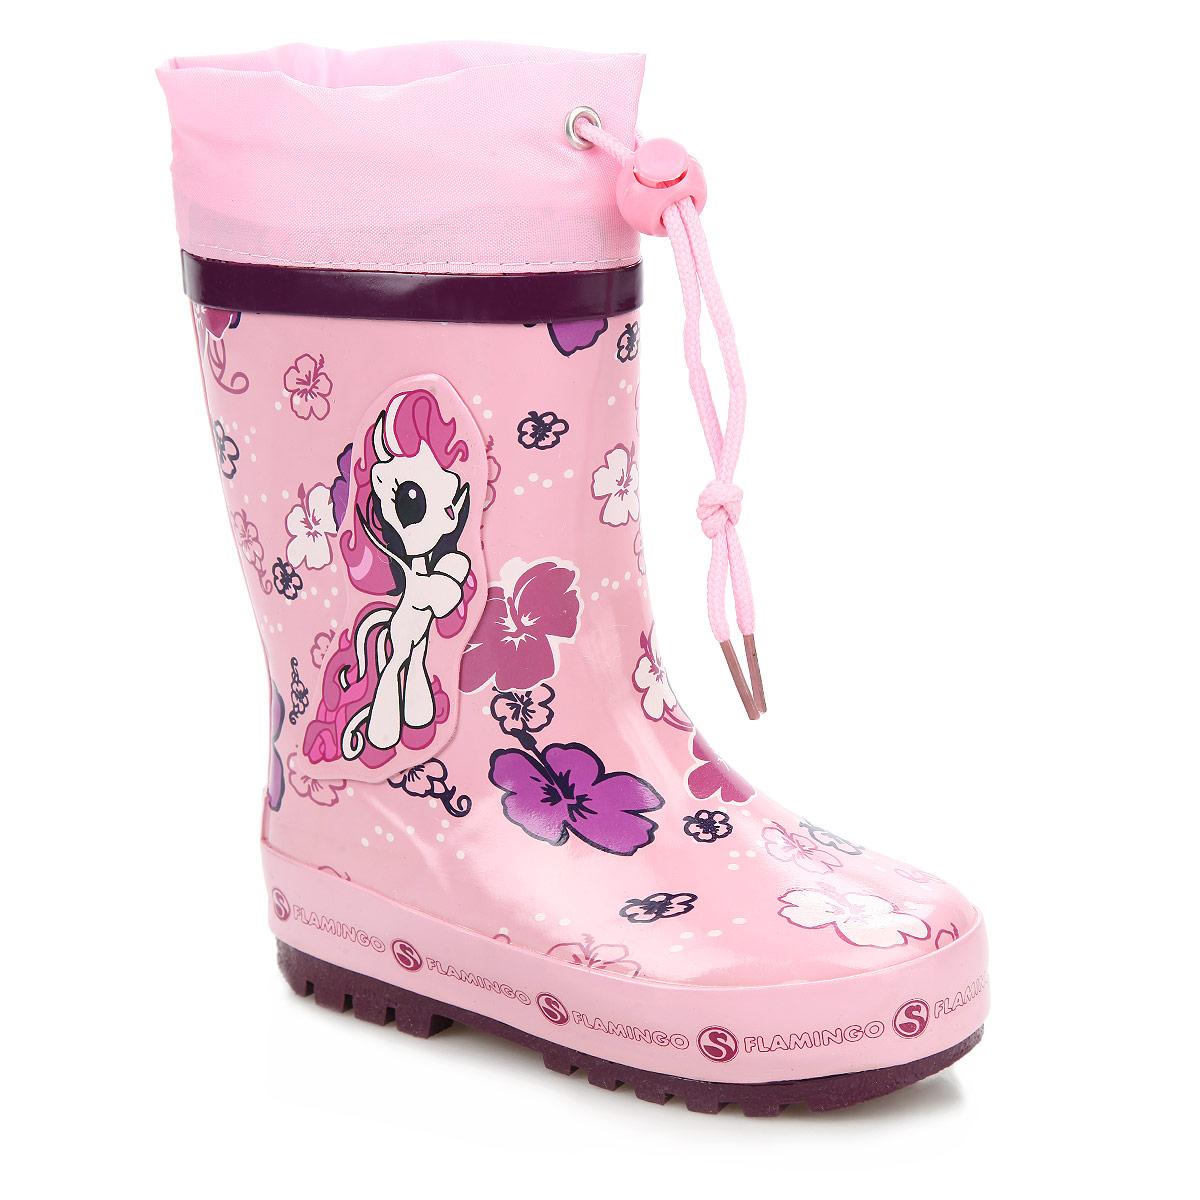 СапогиW5532Прелестные резиновые сапоги от Flamingo помогут вашей девочке создать яркий, запоминающийся образ! Модель изготовлена из качественной резины и оформлена изображением цветов, задним наружным ремнем, на подошве - названием бренда, сбоку - аппликацией в виде очаровательной лошадки. Ширина голенища компенсирует отсутствие застежек. Текстильный верх голенища регулируется в объеме за счет шнурка с бегунком. Внутри - мягкая подкладка и стелька, выполненные из шерсти. Подошва с глубоким рисунком протектора обеспечивает отличное сцепление с любыми поверхностями. Яркие резиновые сапоги поднимут вам и вашему ребенку настроение в дождливую погоду!